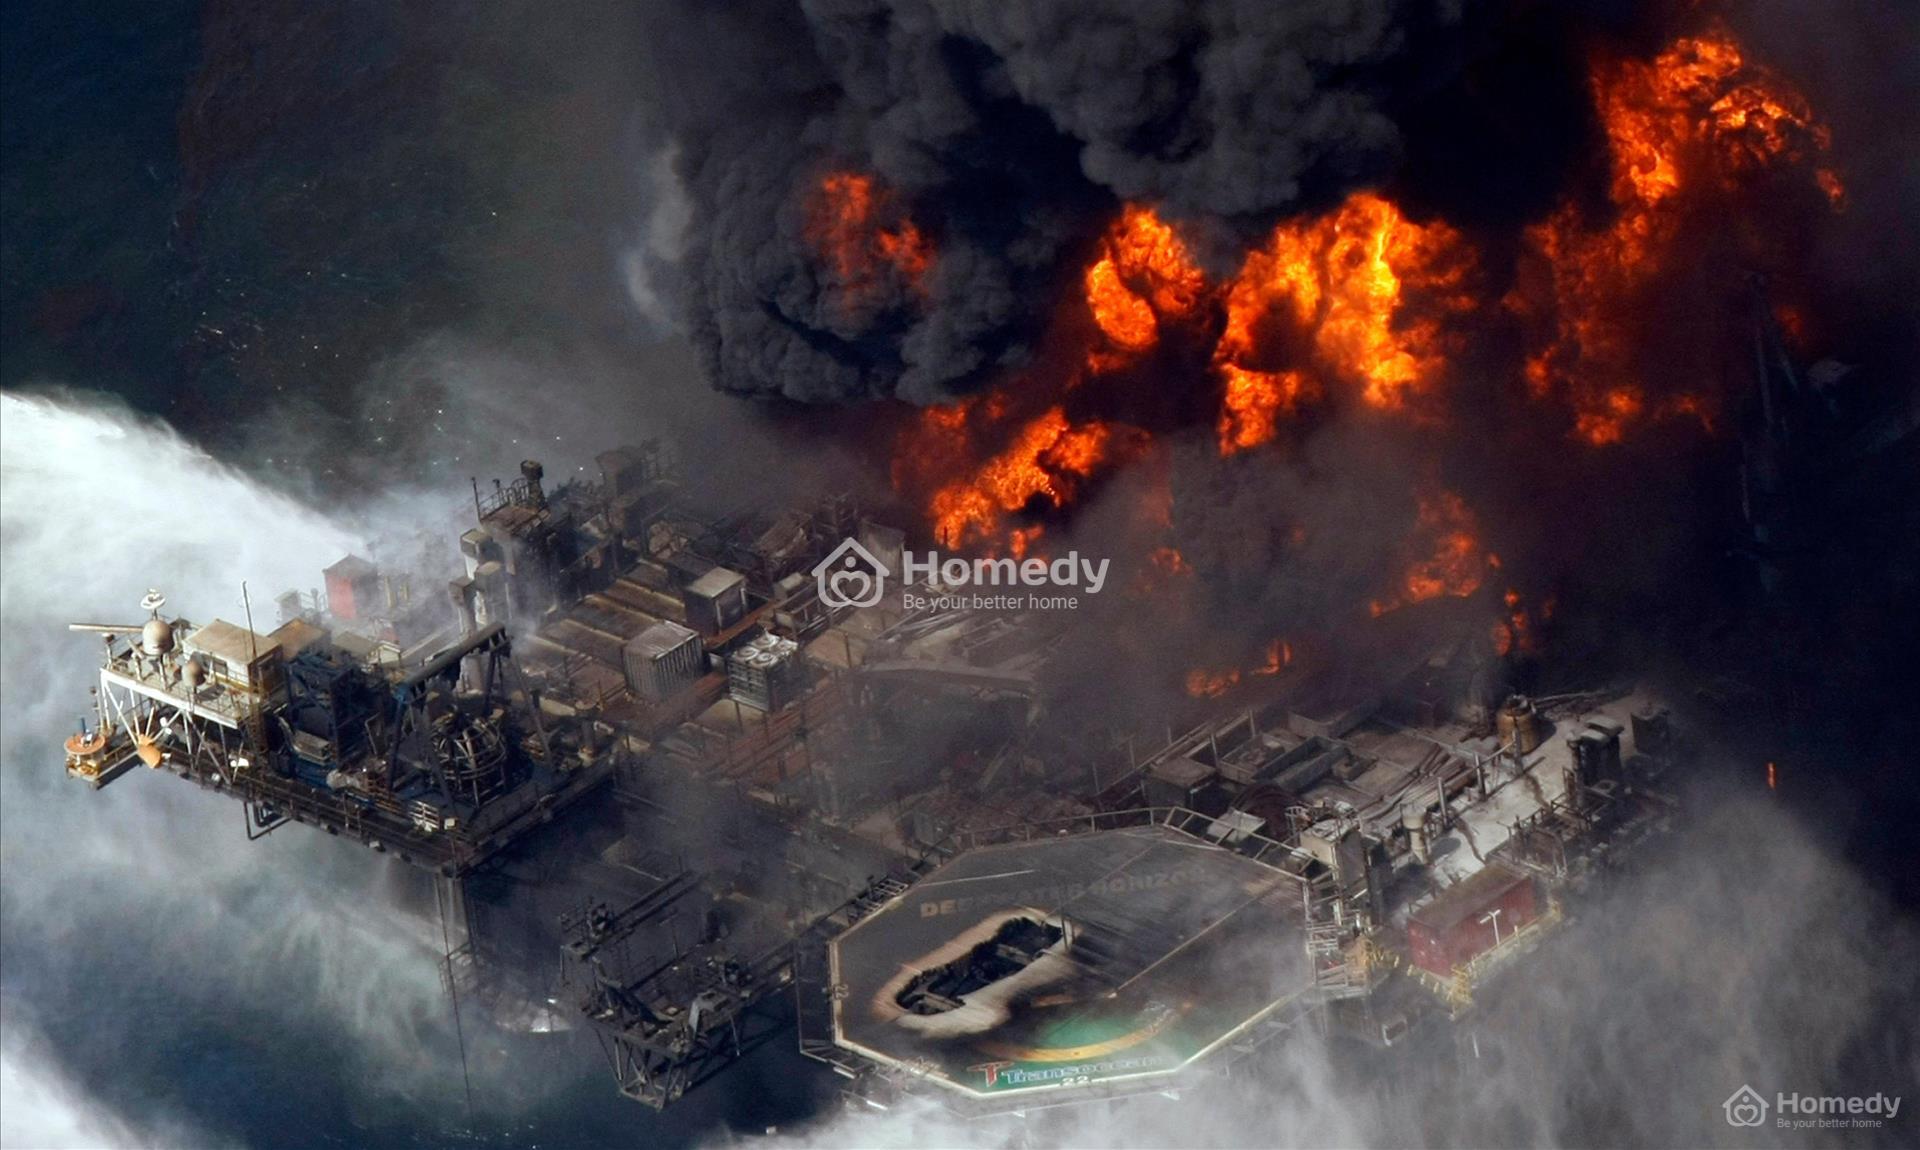 Tháng 8/2015, Exxon Mobil bị phán quyết nộp 225 triệu USD tiền phạt vì gây ô nhiễm môi trường cho bang New Jersey (Mỹ).